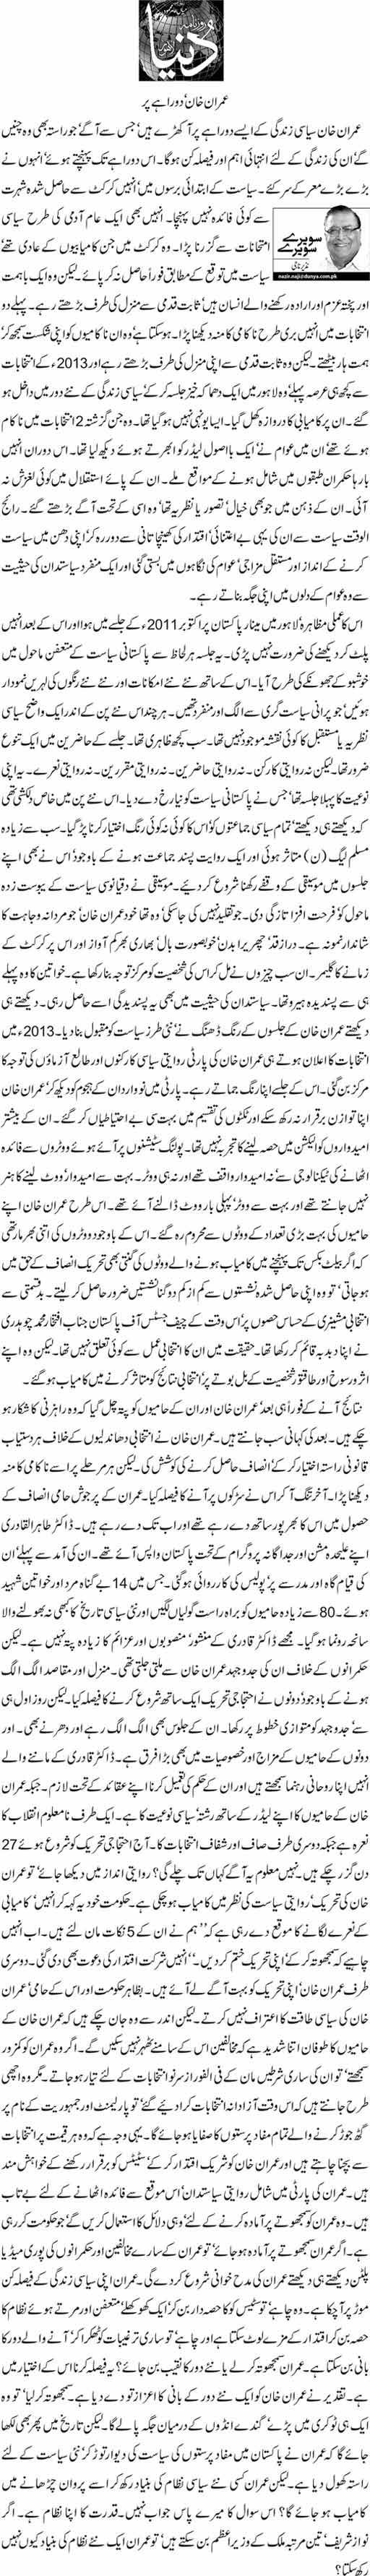 Imran Khan' Daurahy Par - Nazeer Naji